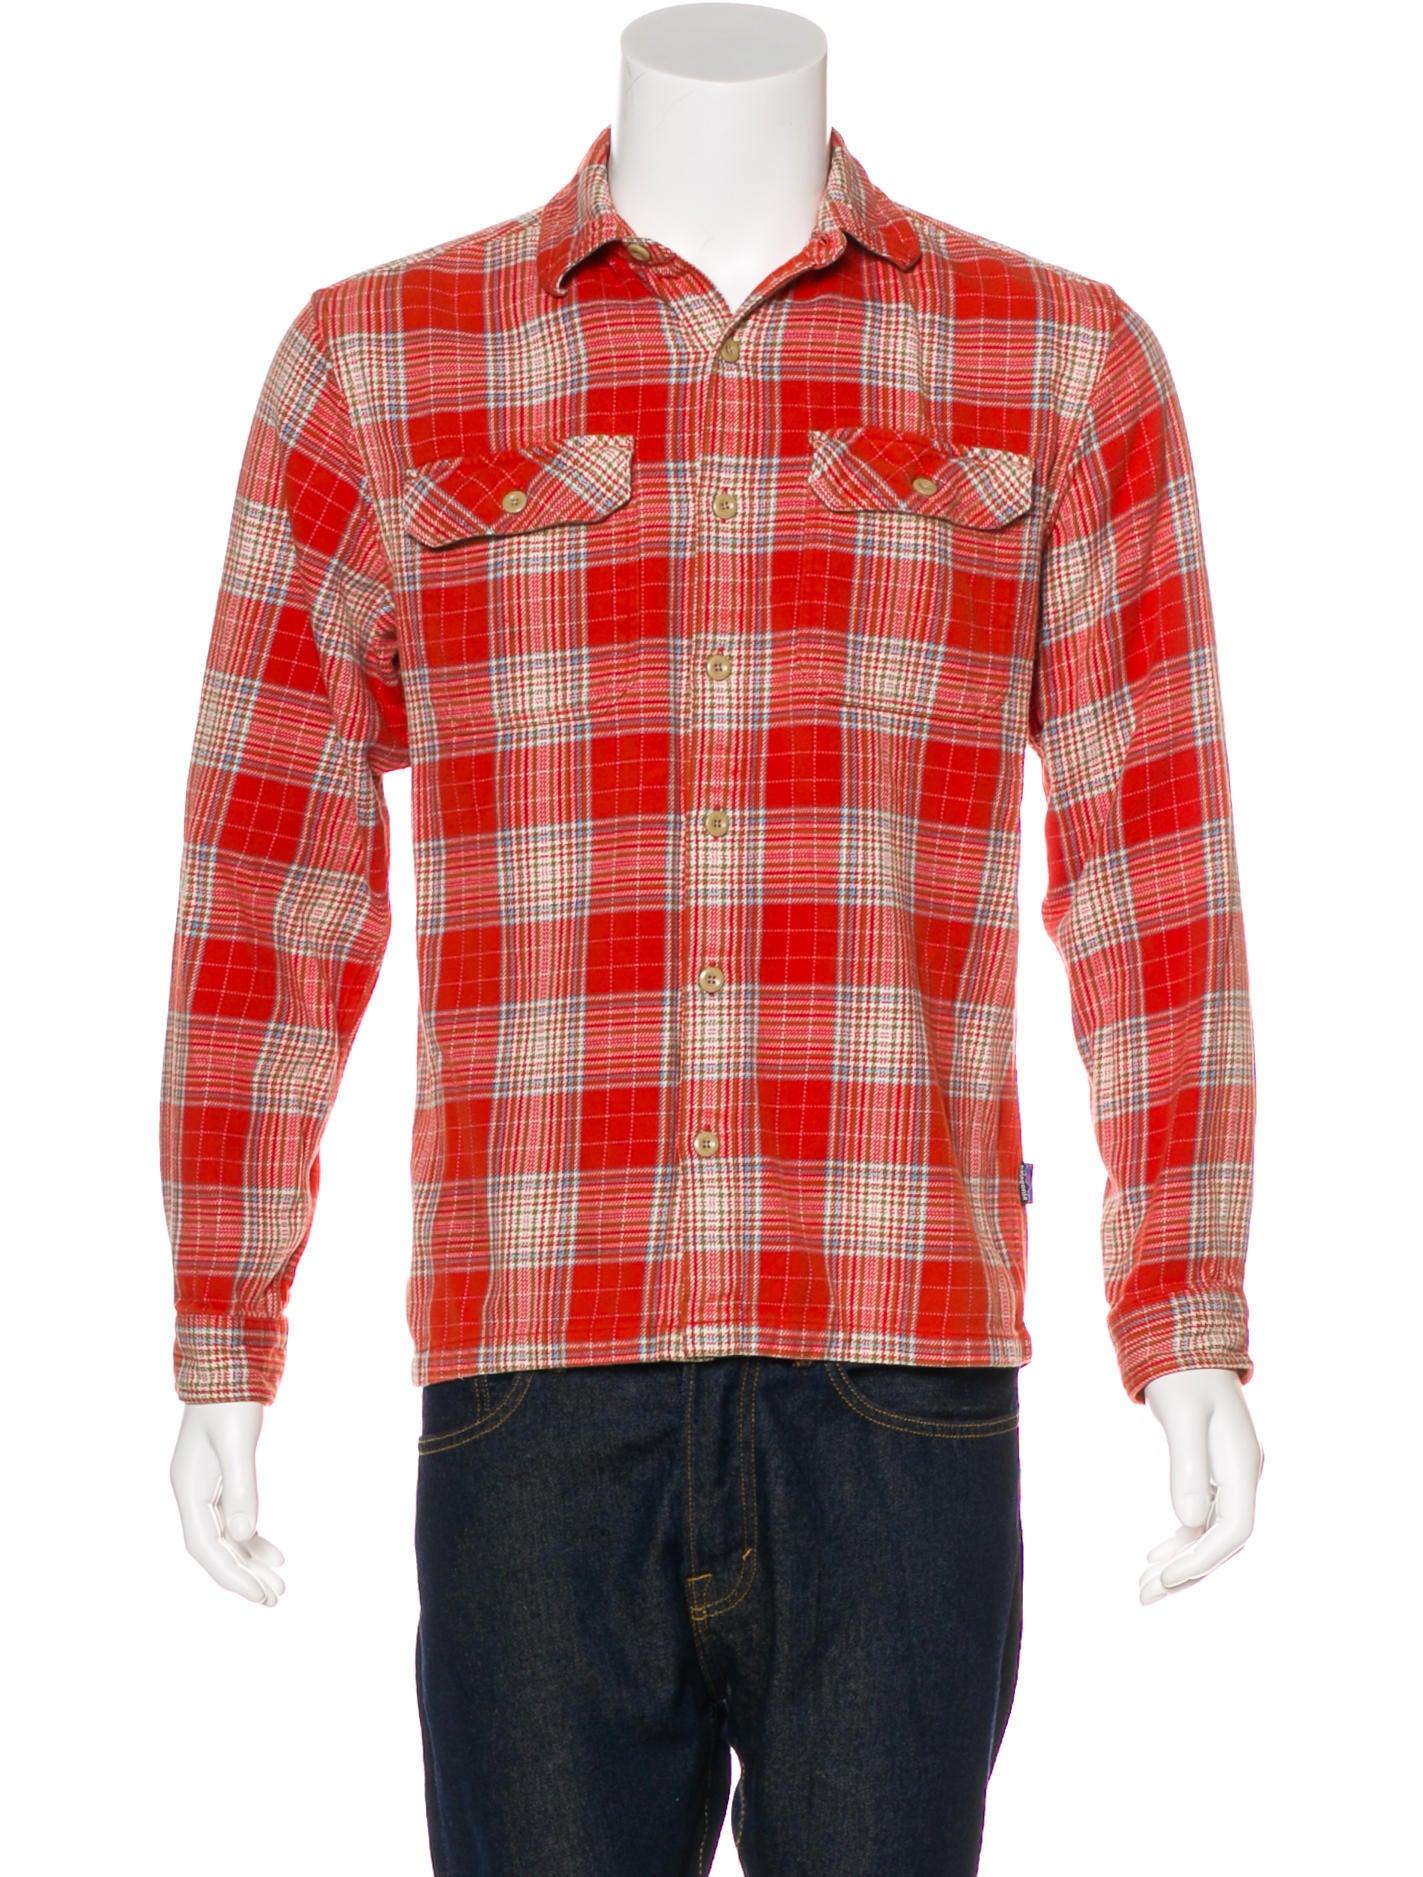 Patagonia plaid flannel shirt clothing wpatg20909 for Plaid shirt jacket mens